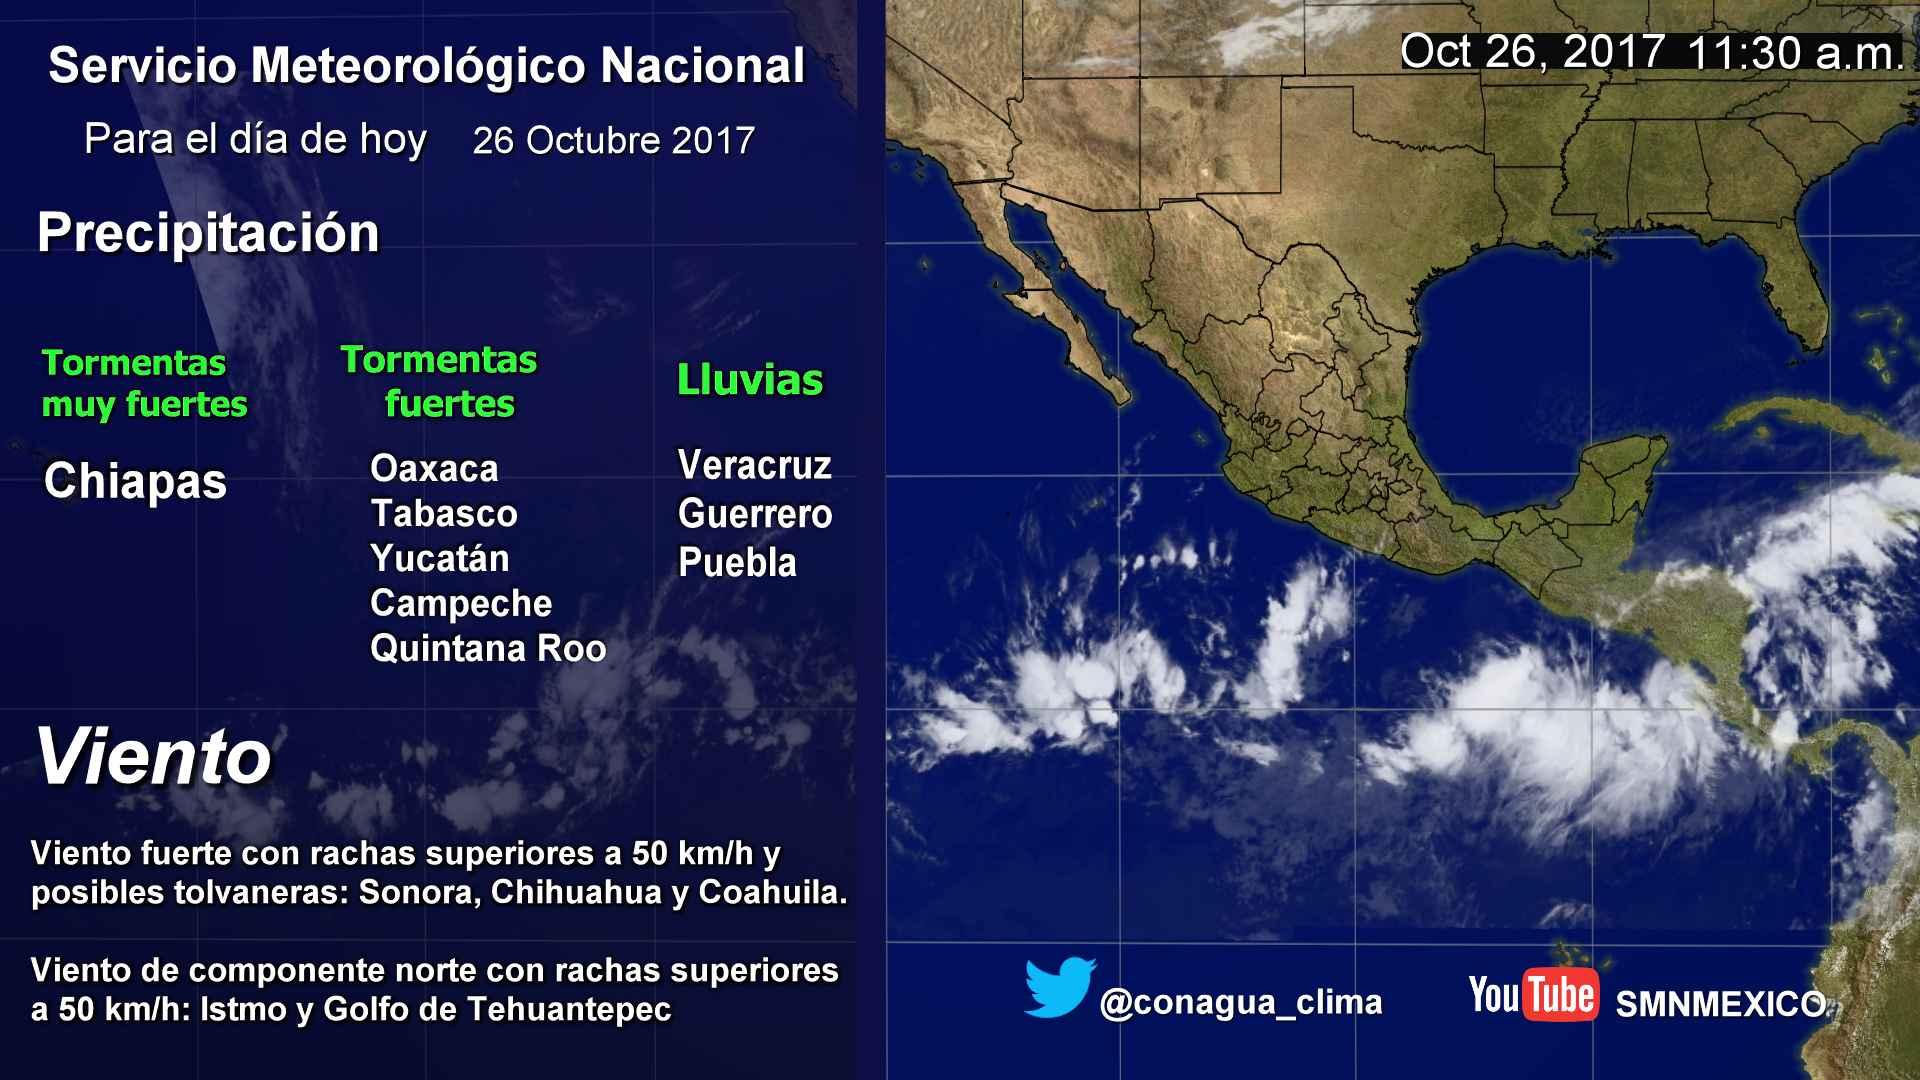 Prevalece pronóstico de bajas temperaturas para Tlaxcala